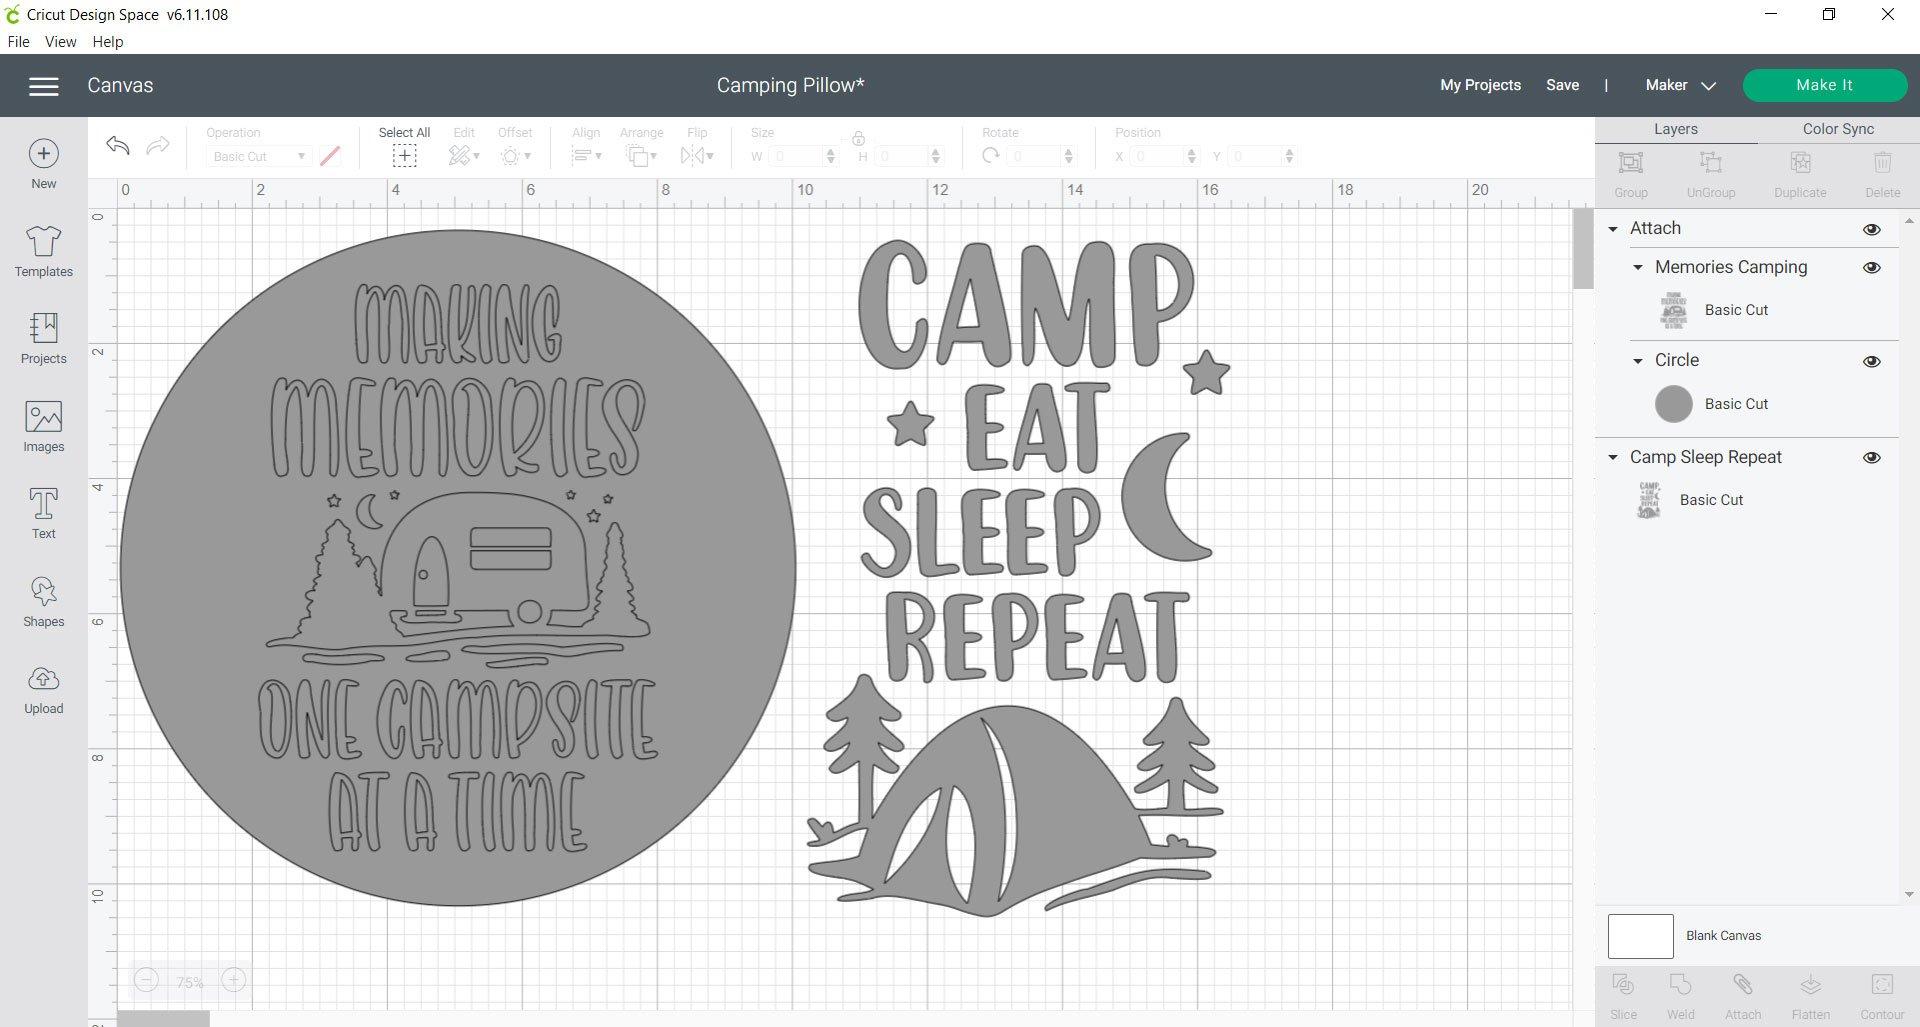 Cricut Design Space Camping Pillows